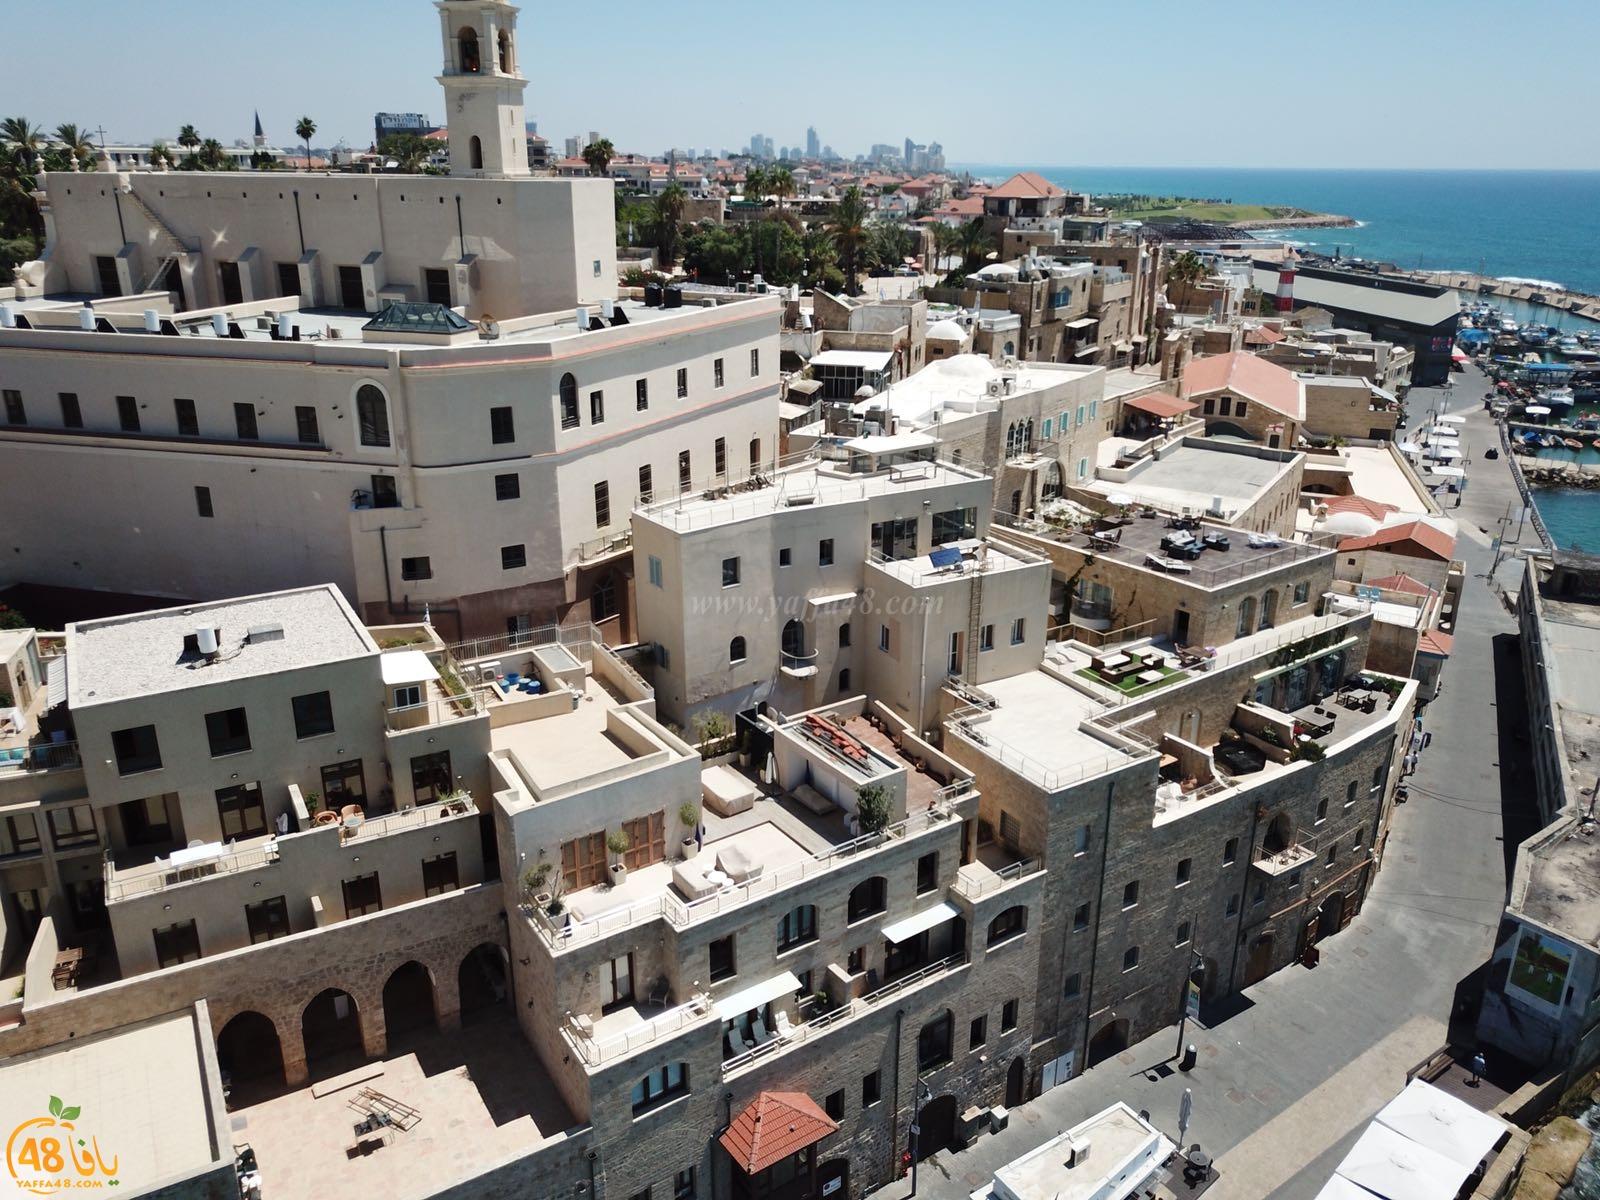 شاهد: أجمل الصور لمدينة يافا وبحرها ومينائها من الجو